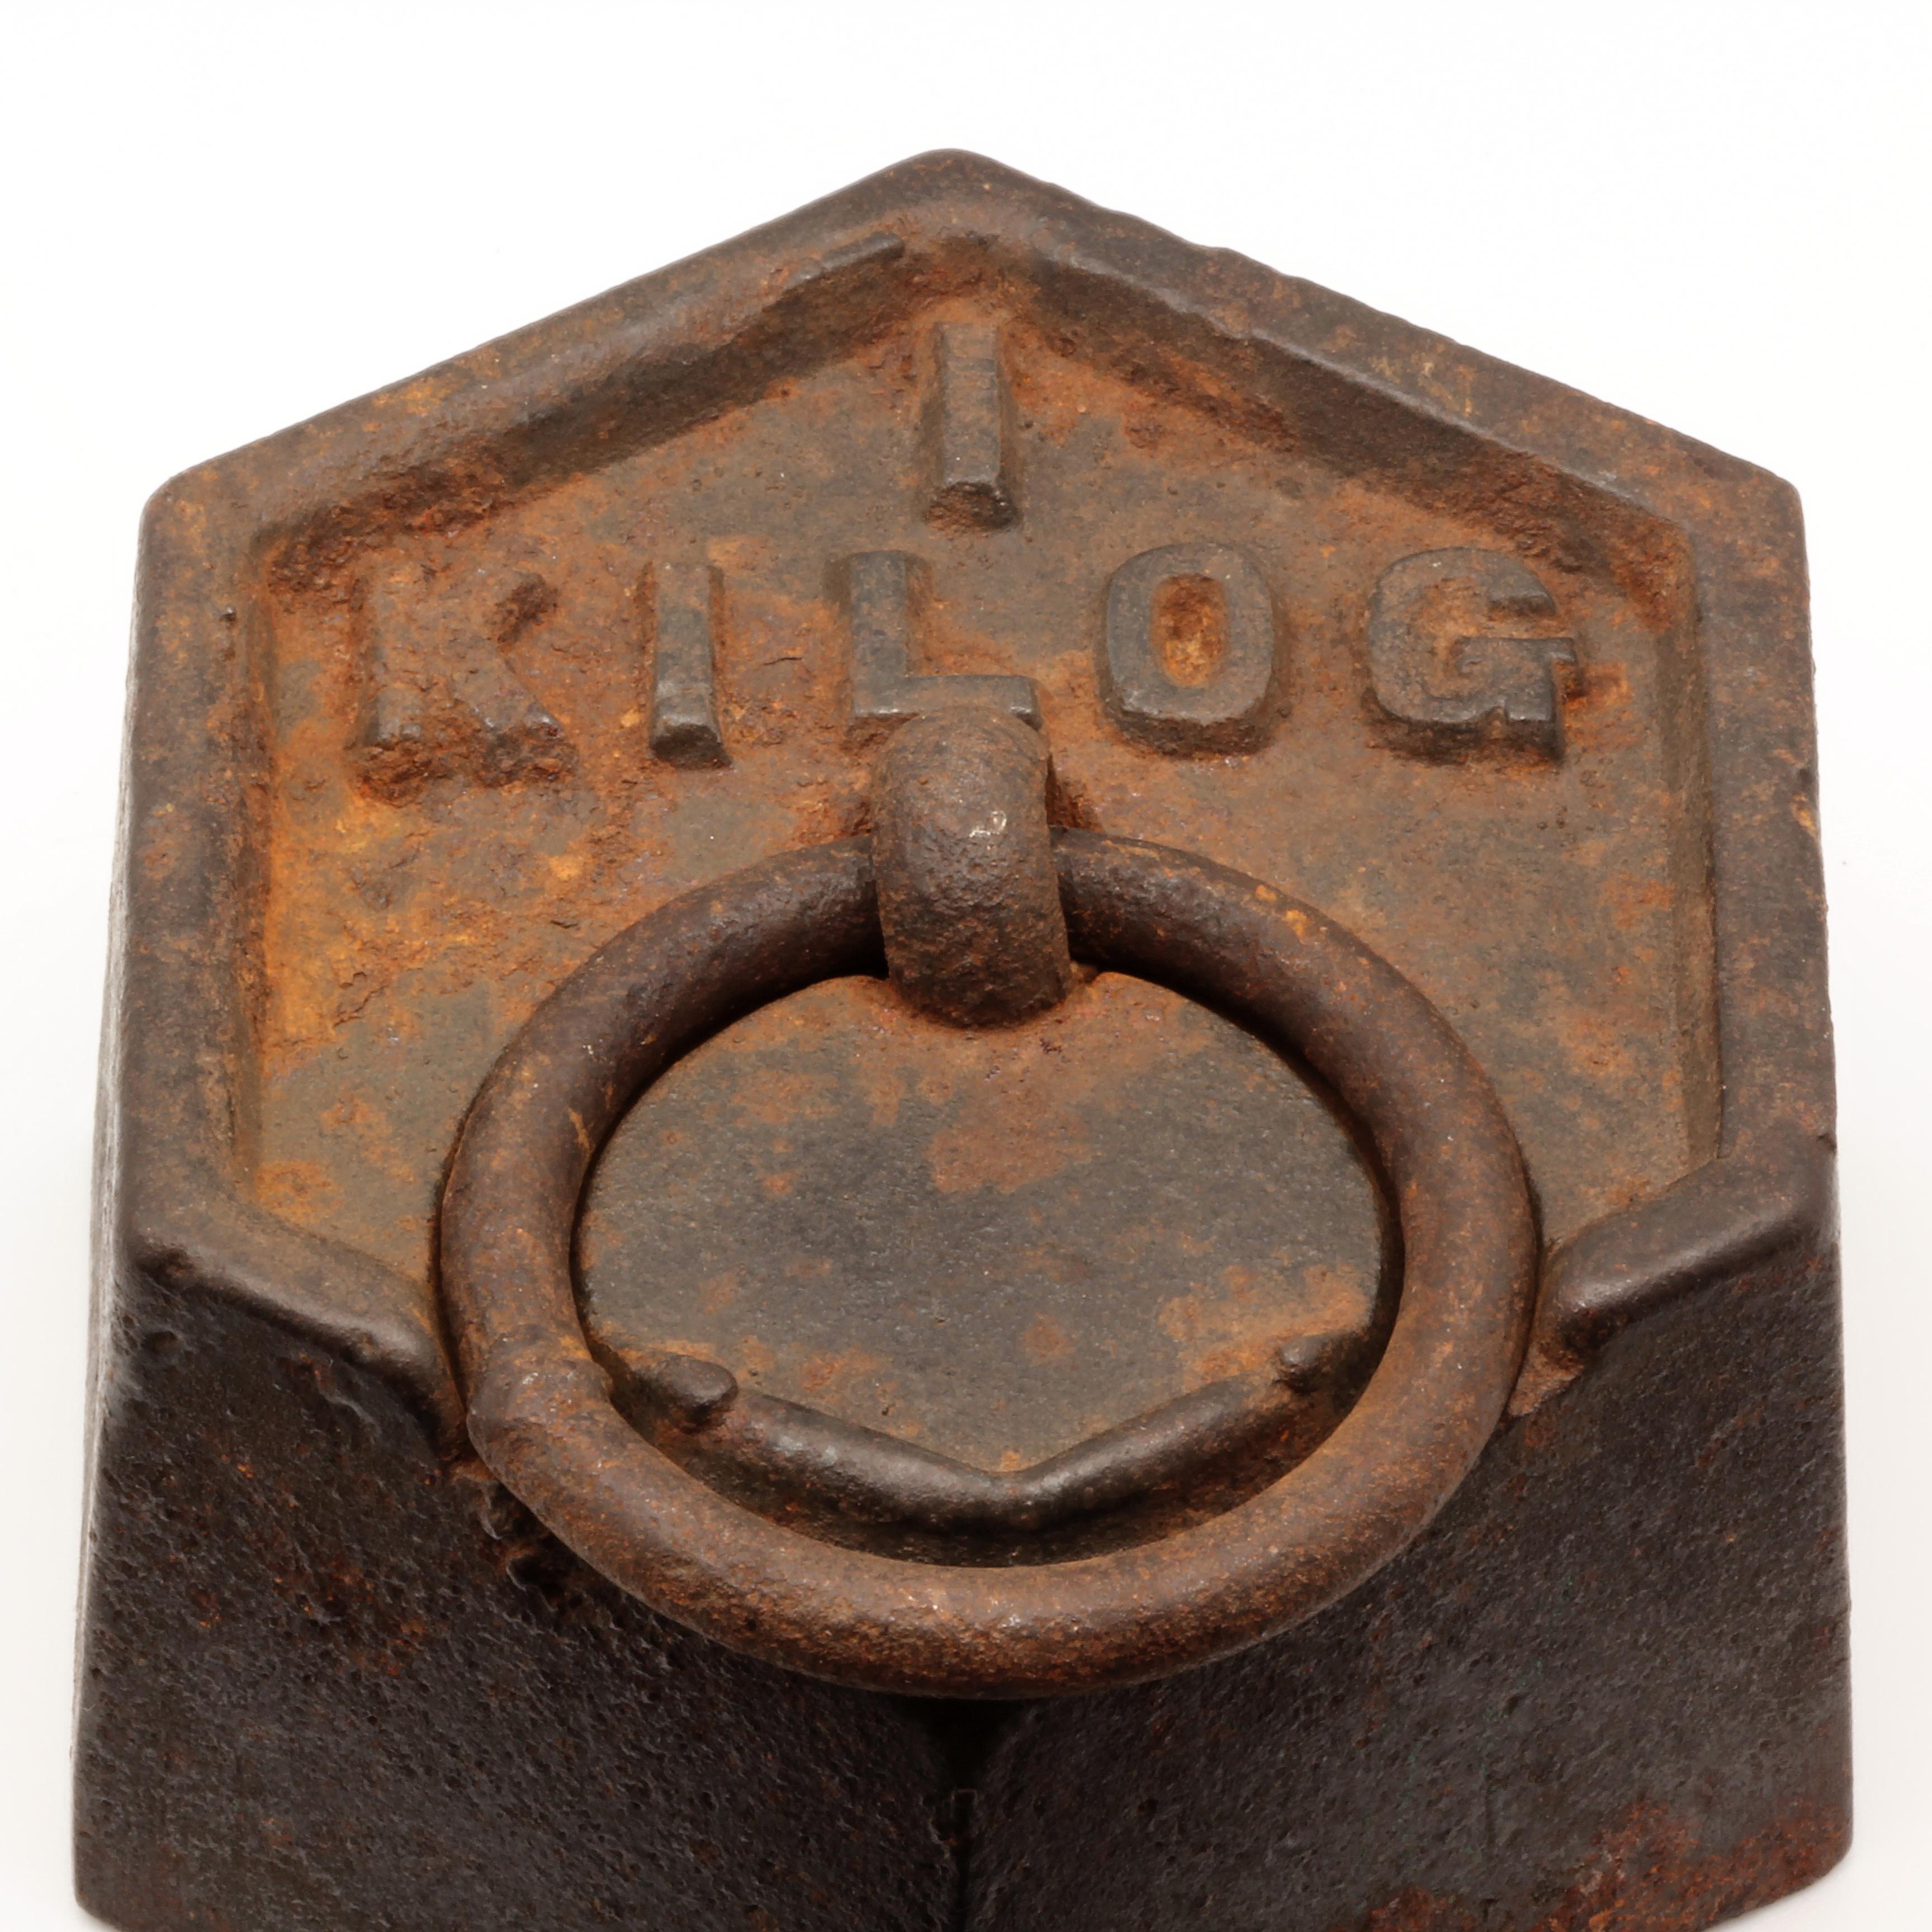 Kilogram - Wikipedia